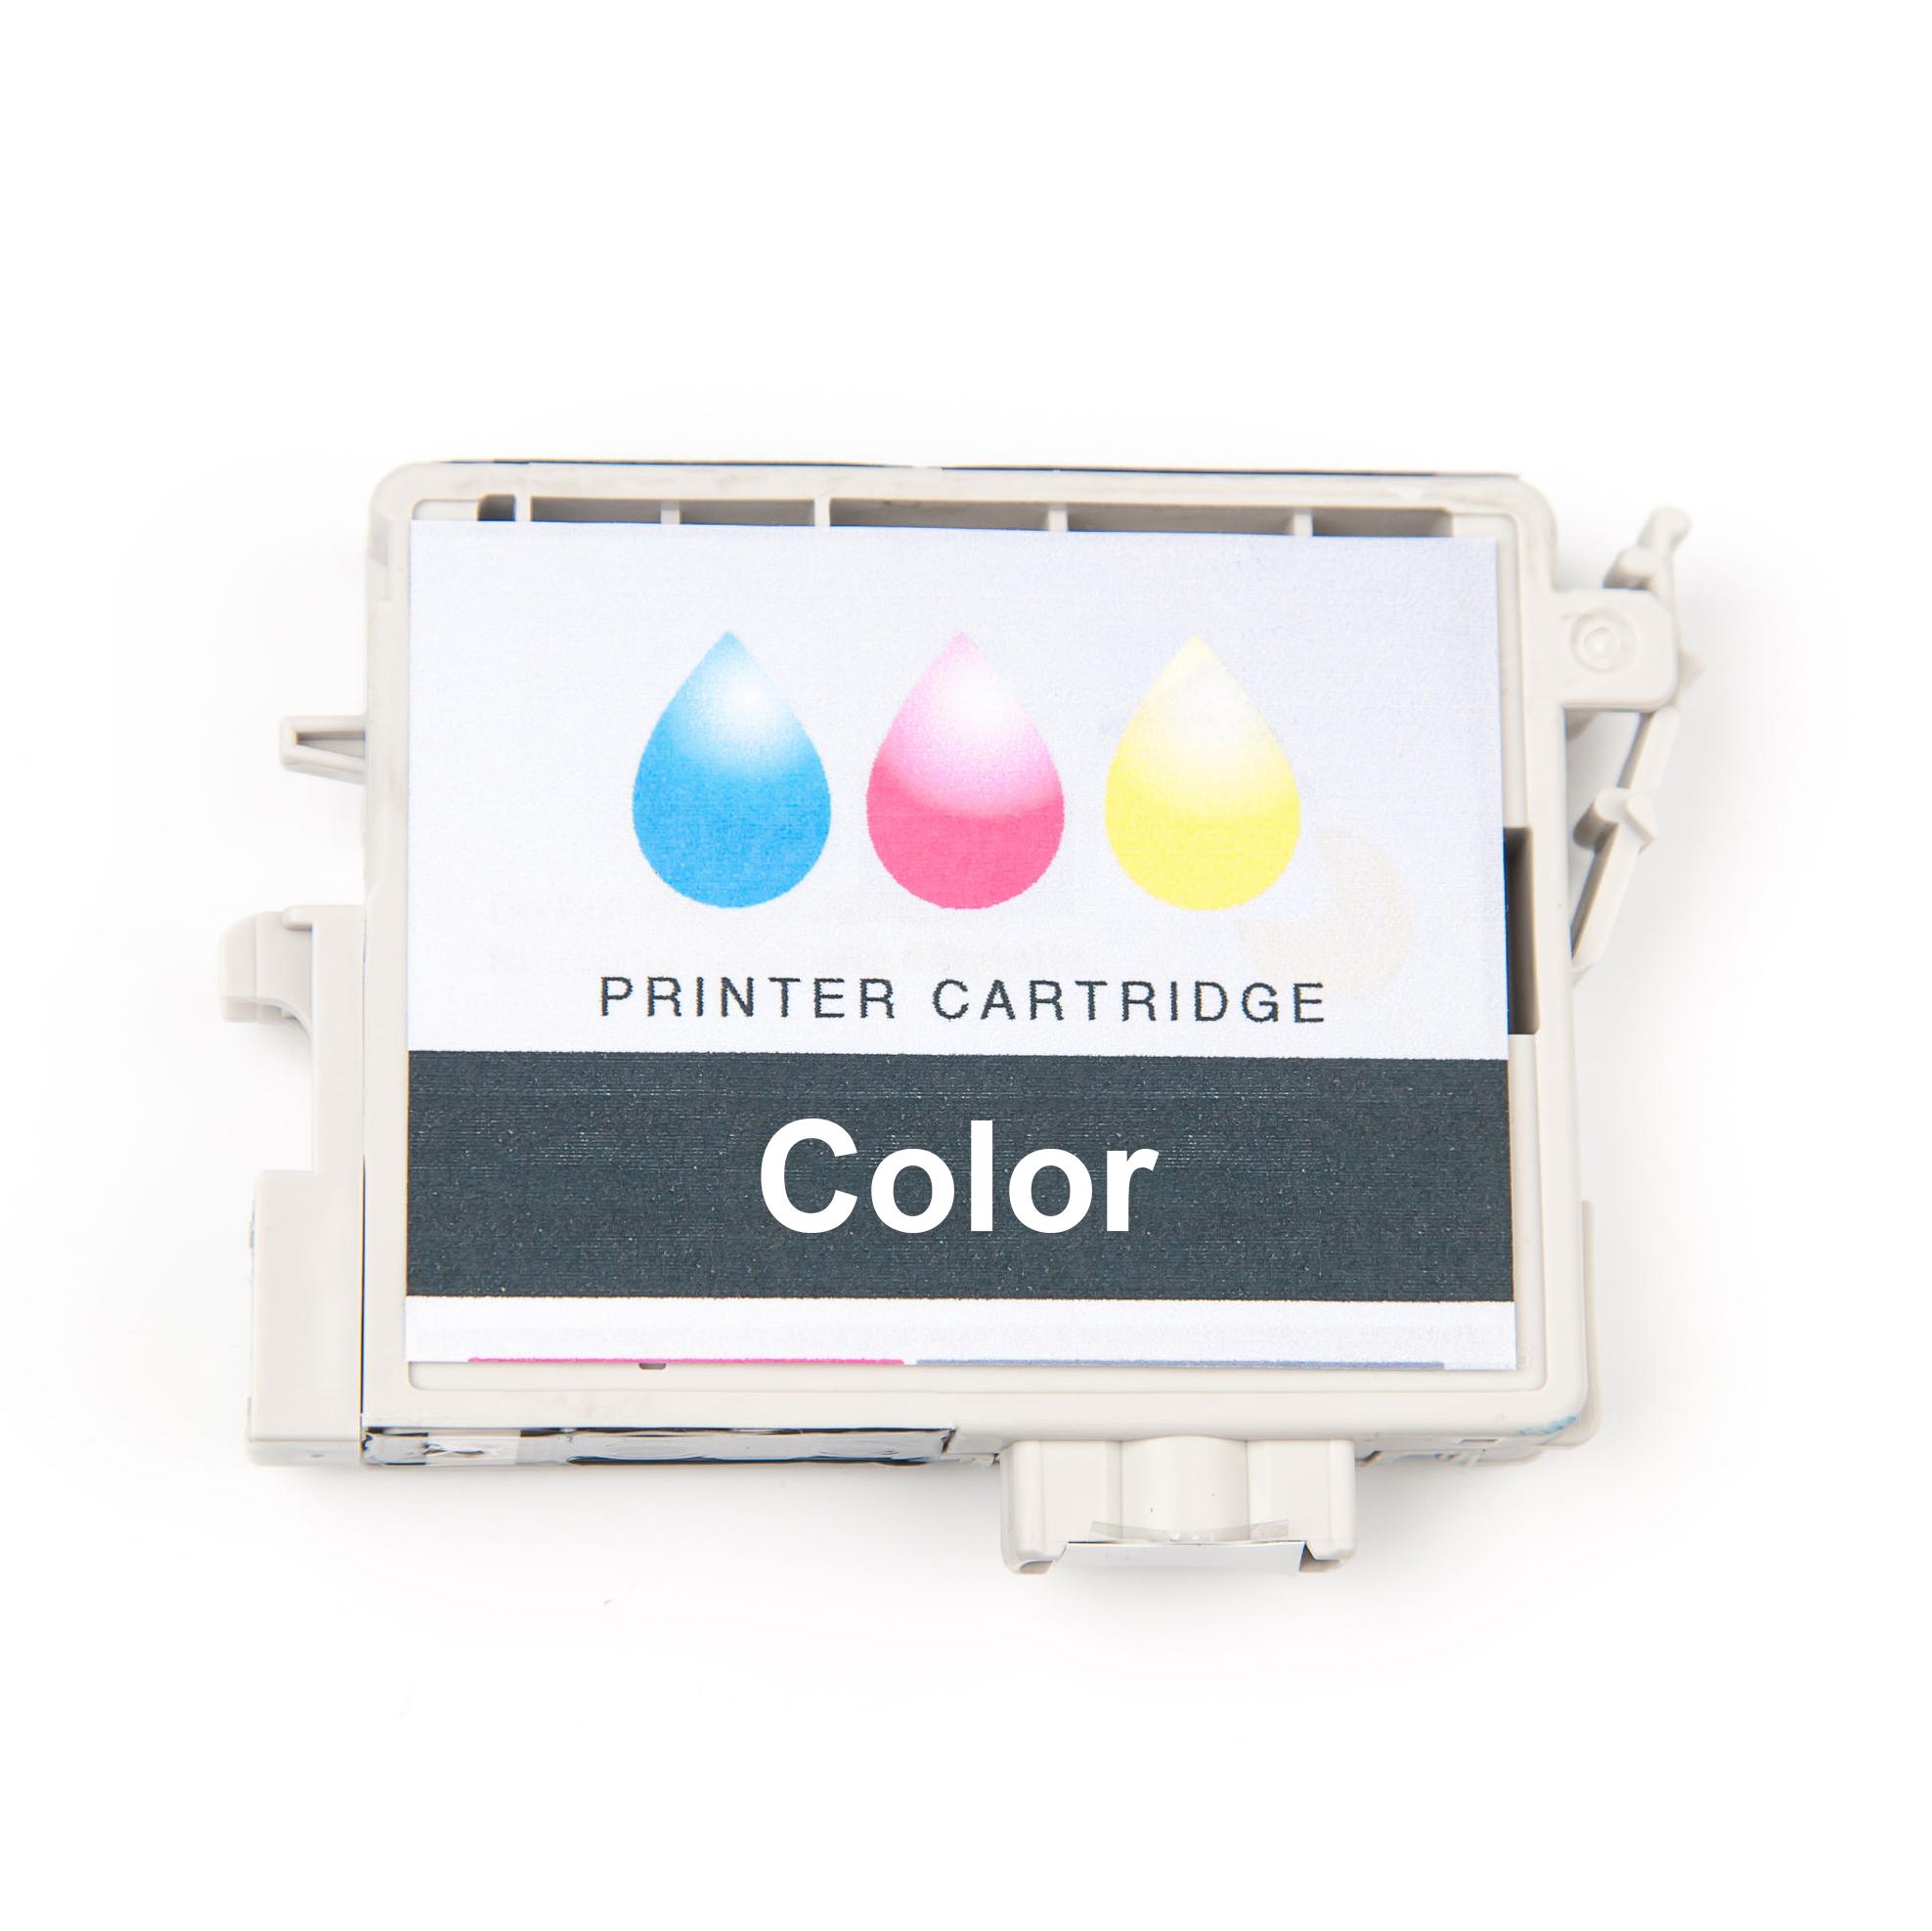 HQ-Premium Tintenpatrone ersetzen Epson C13T08074010 / T0807 Spar-Set (Schwarz, Cyan, Magenta, Gelb)